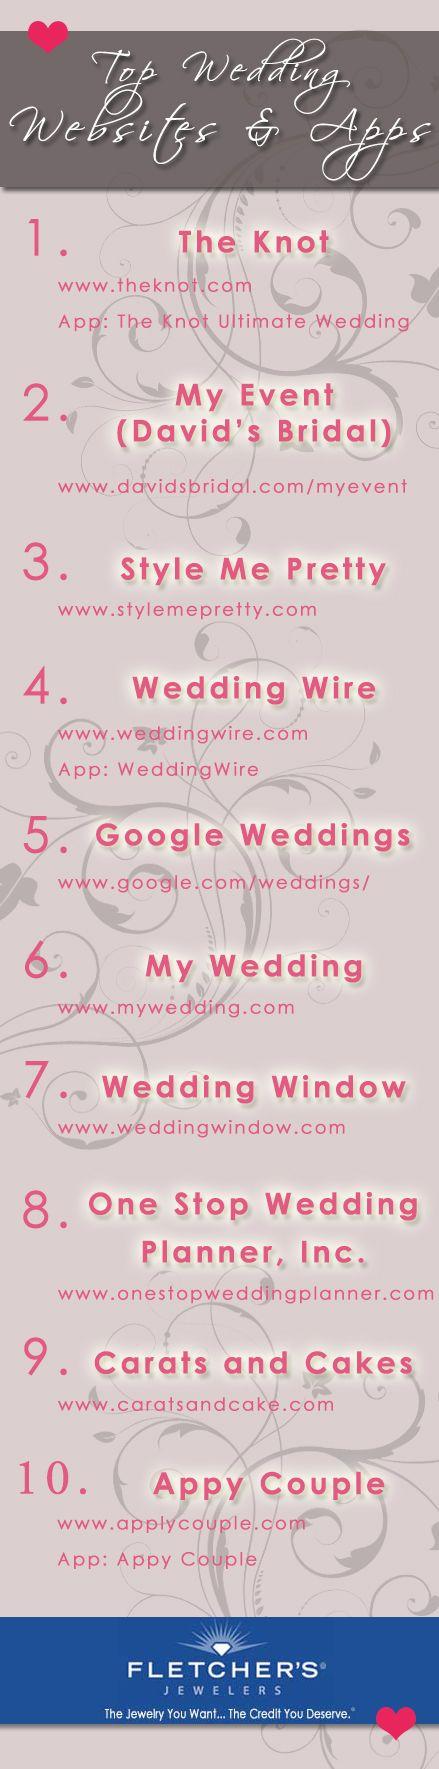 Top Wedding Planning Websites & Apps of 2013!